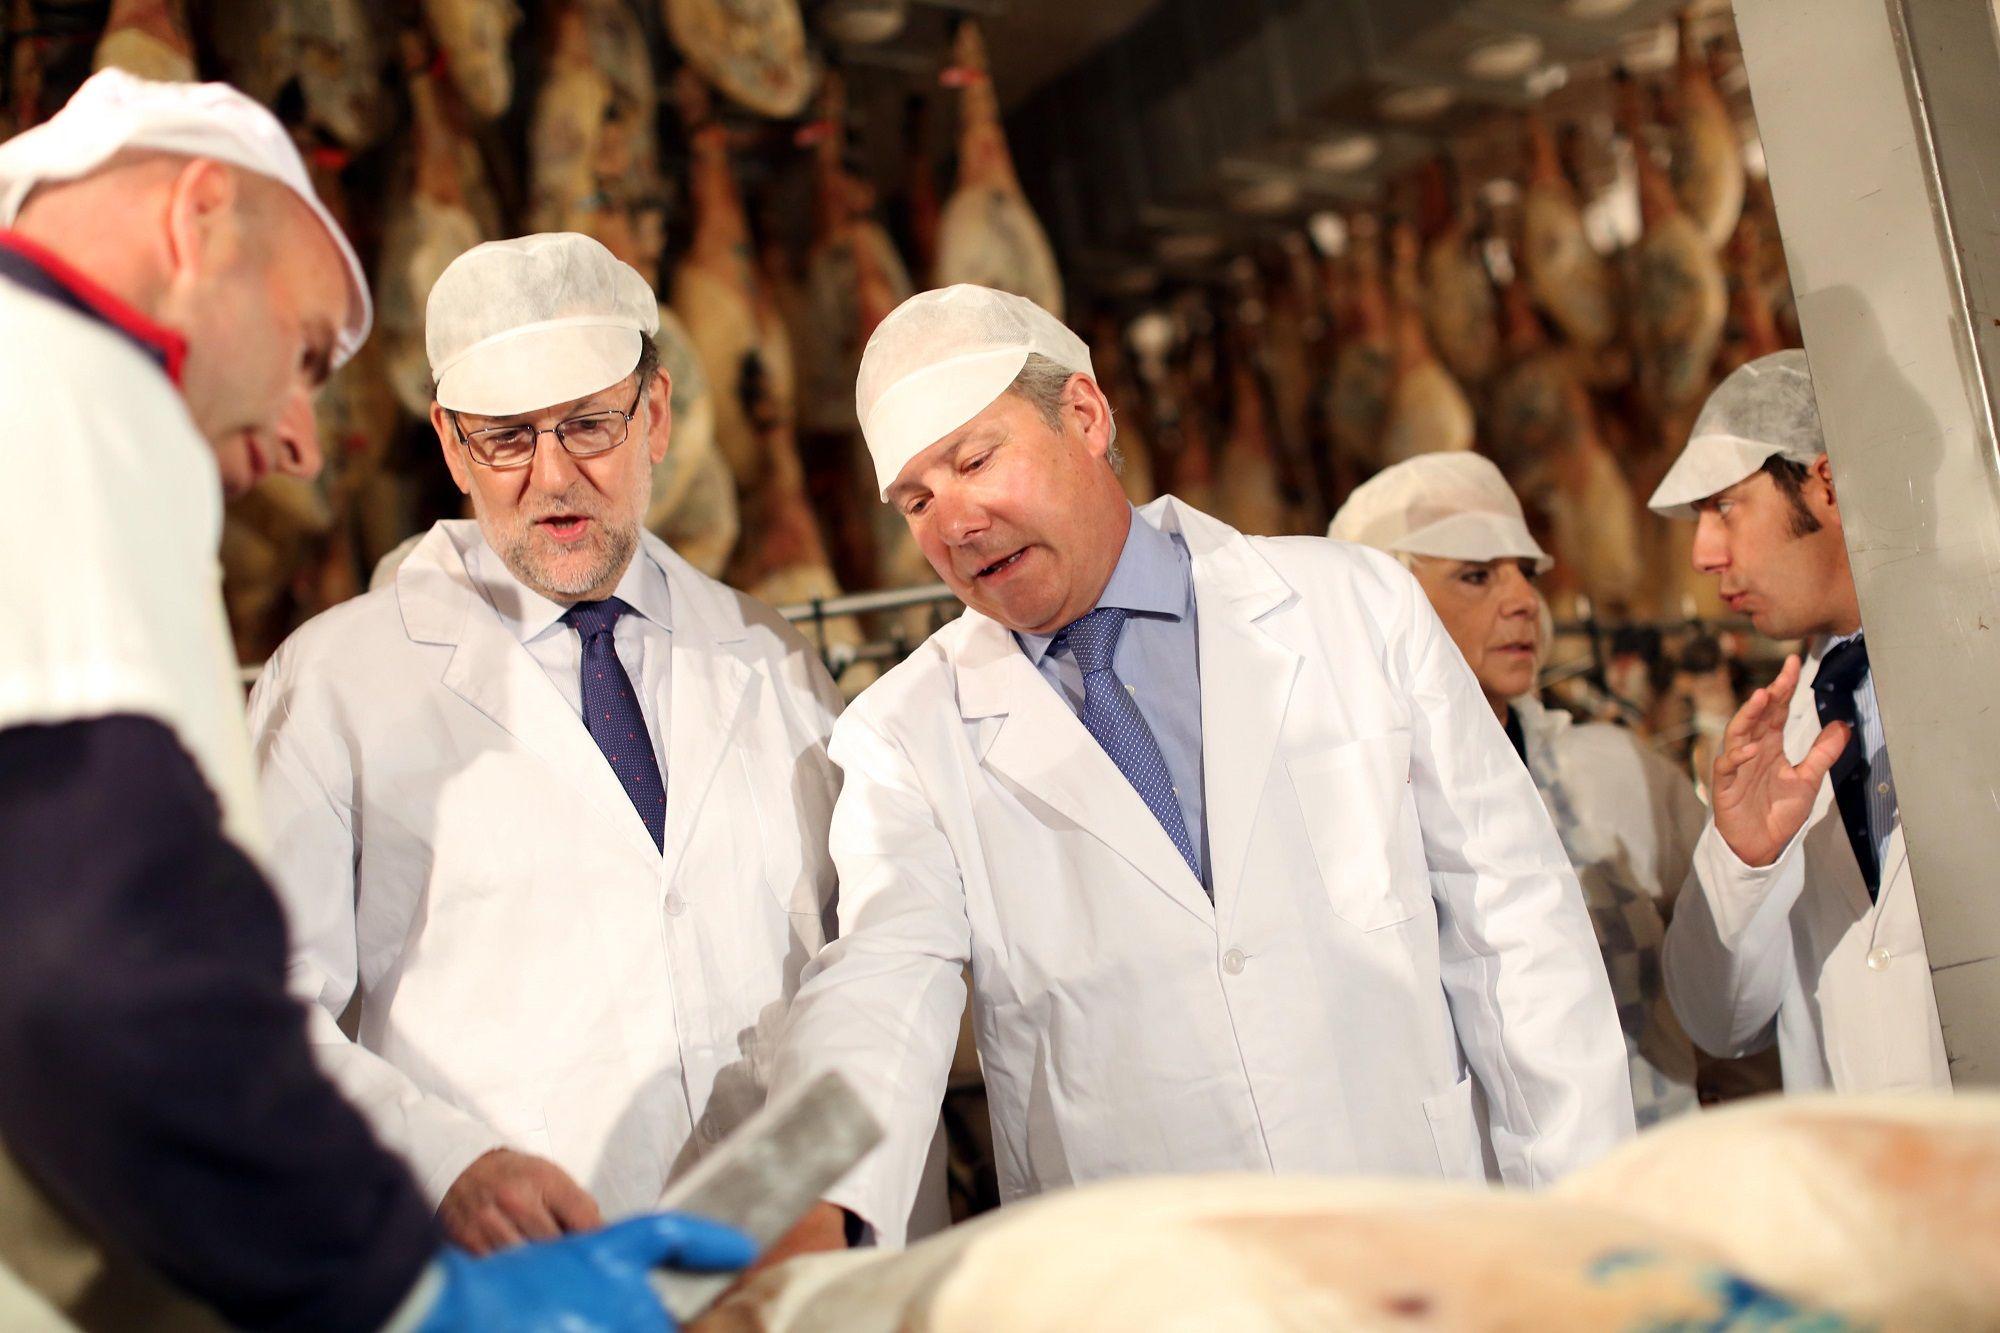 En su visita a Jerez, Mariano Rajoy conversa con José Manuel Martín de Montesierra, 08JUN2016 | Juan Carlos Corchado para MIRA Jerez